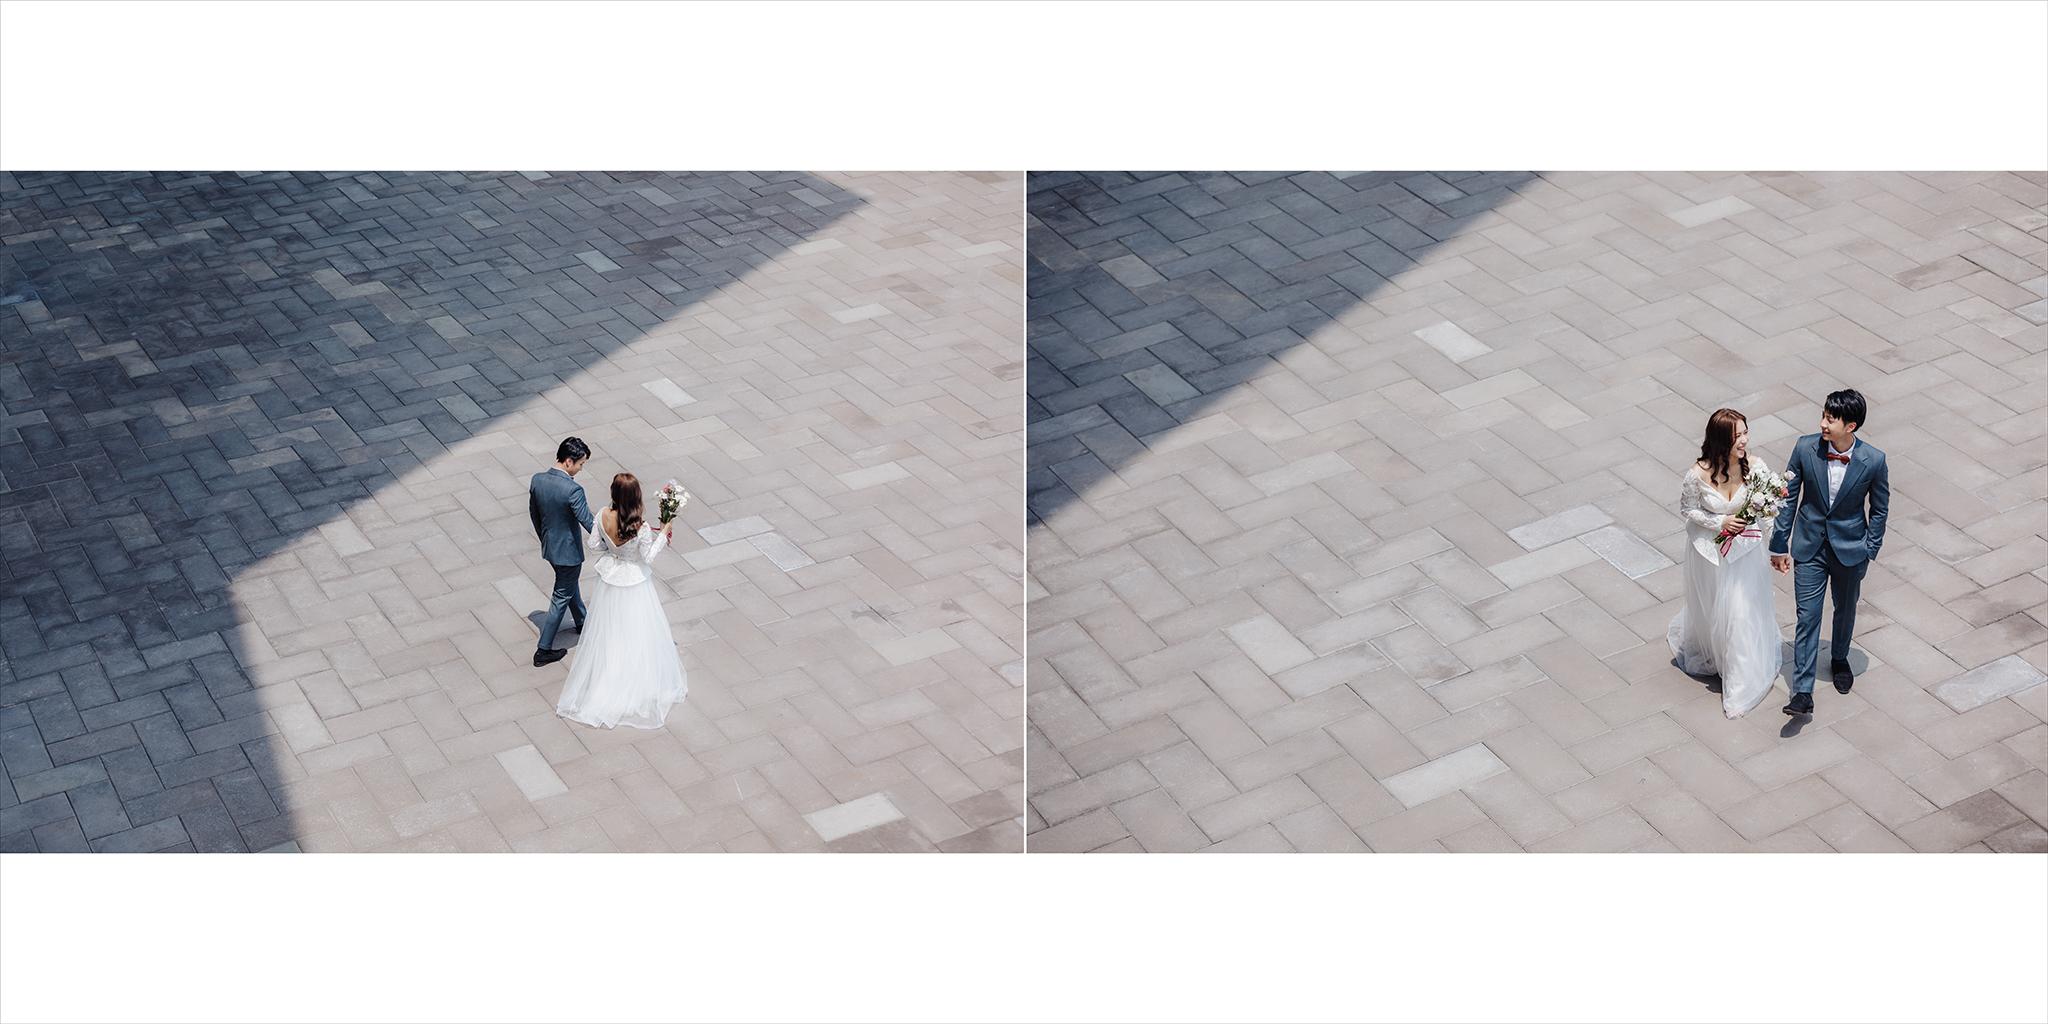 49923025083 9ed014f50a o - 【自主婚紗】+Calvin & Kaori+